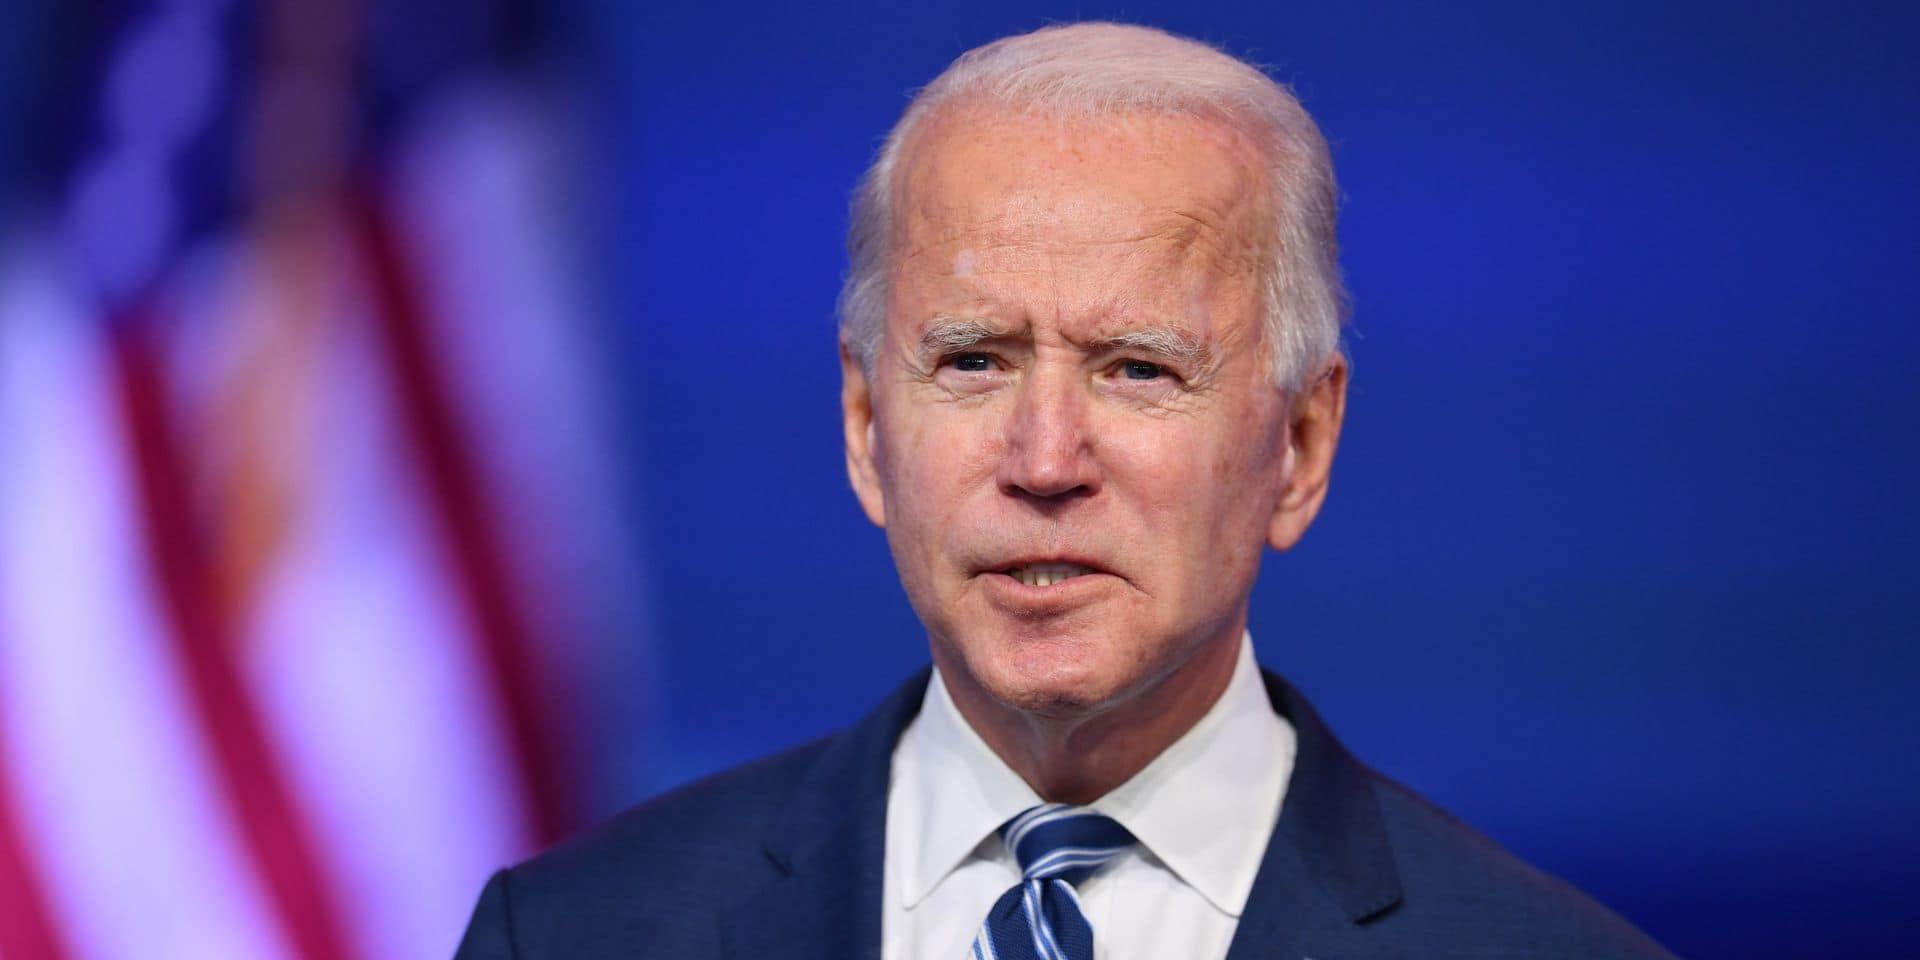 Présidentielle américaine : Joe Biden rassure ses alliés asiatiques sur ses engagements en matière de défense